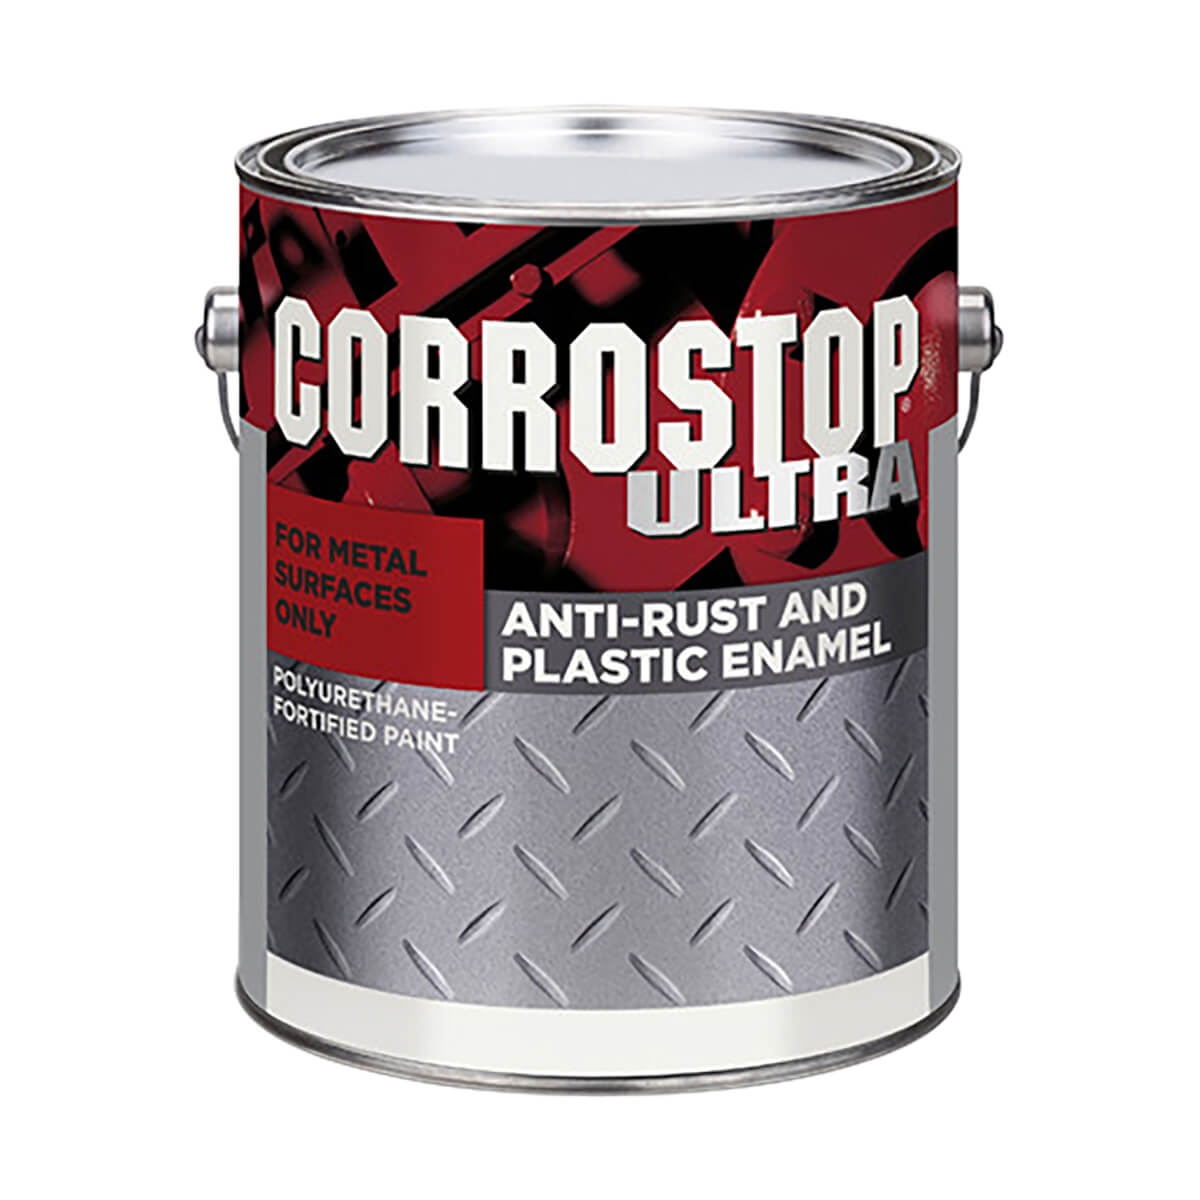 Corrostop - Anti-rust Alkyd Paint - Flat Black - 3.78 L